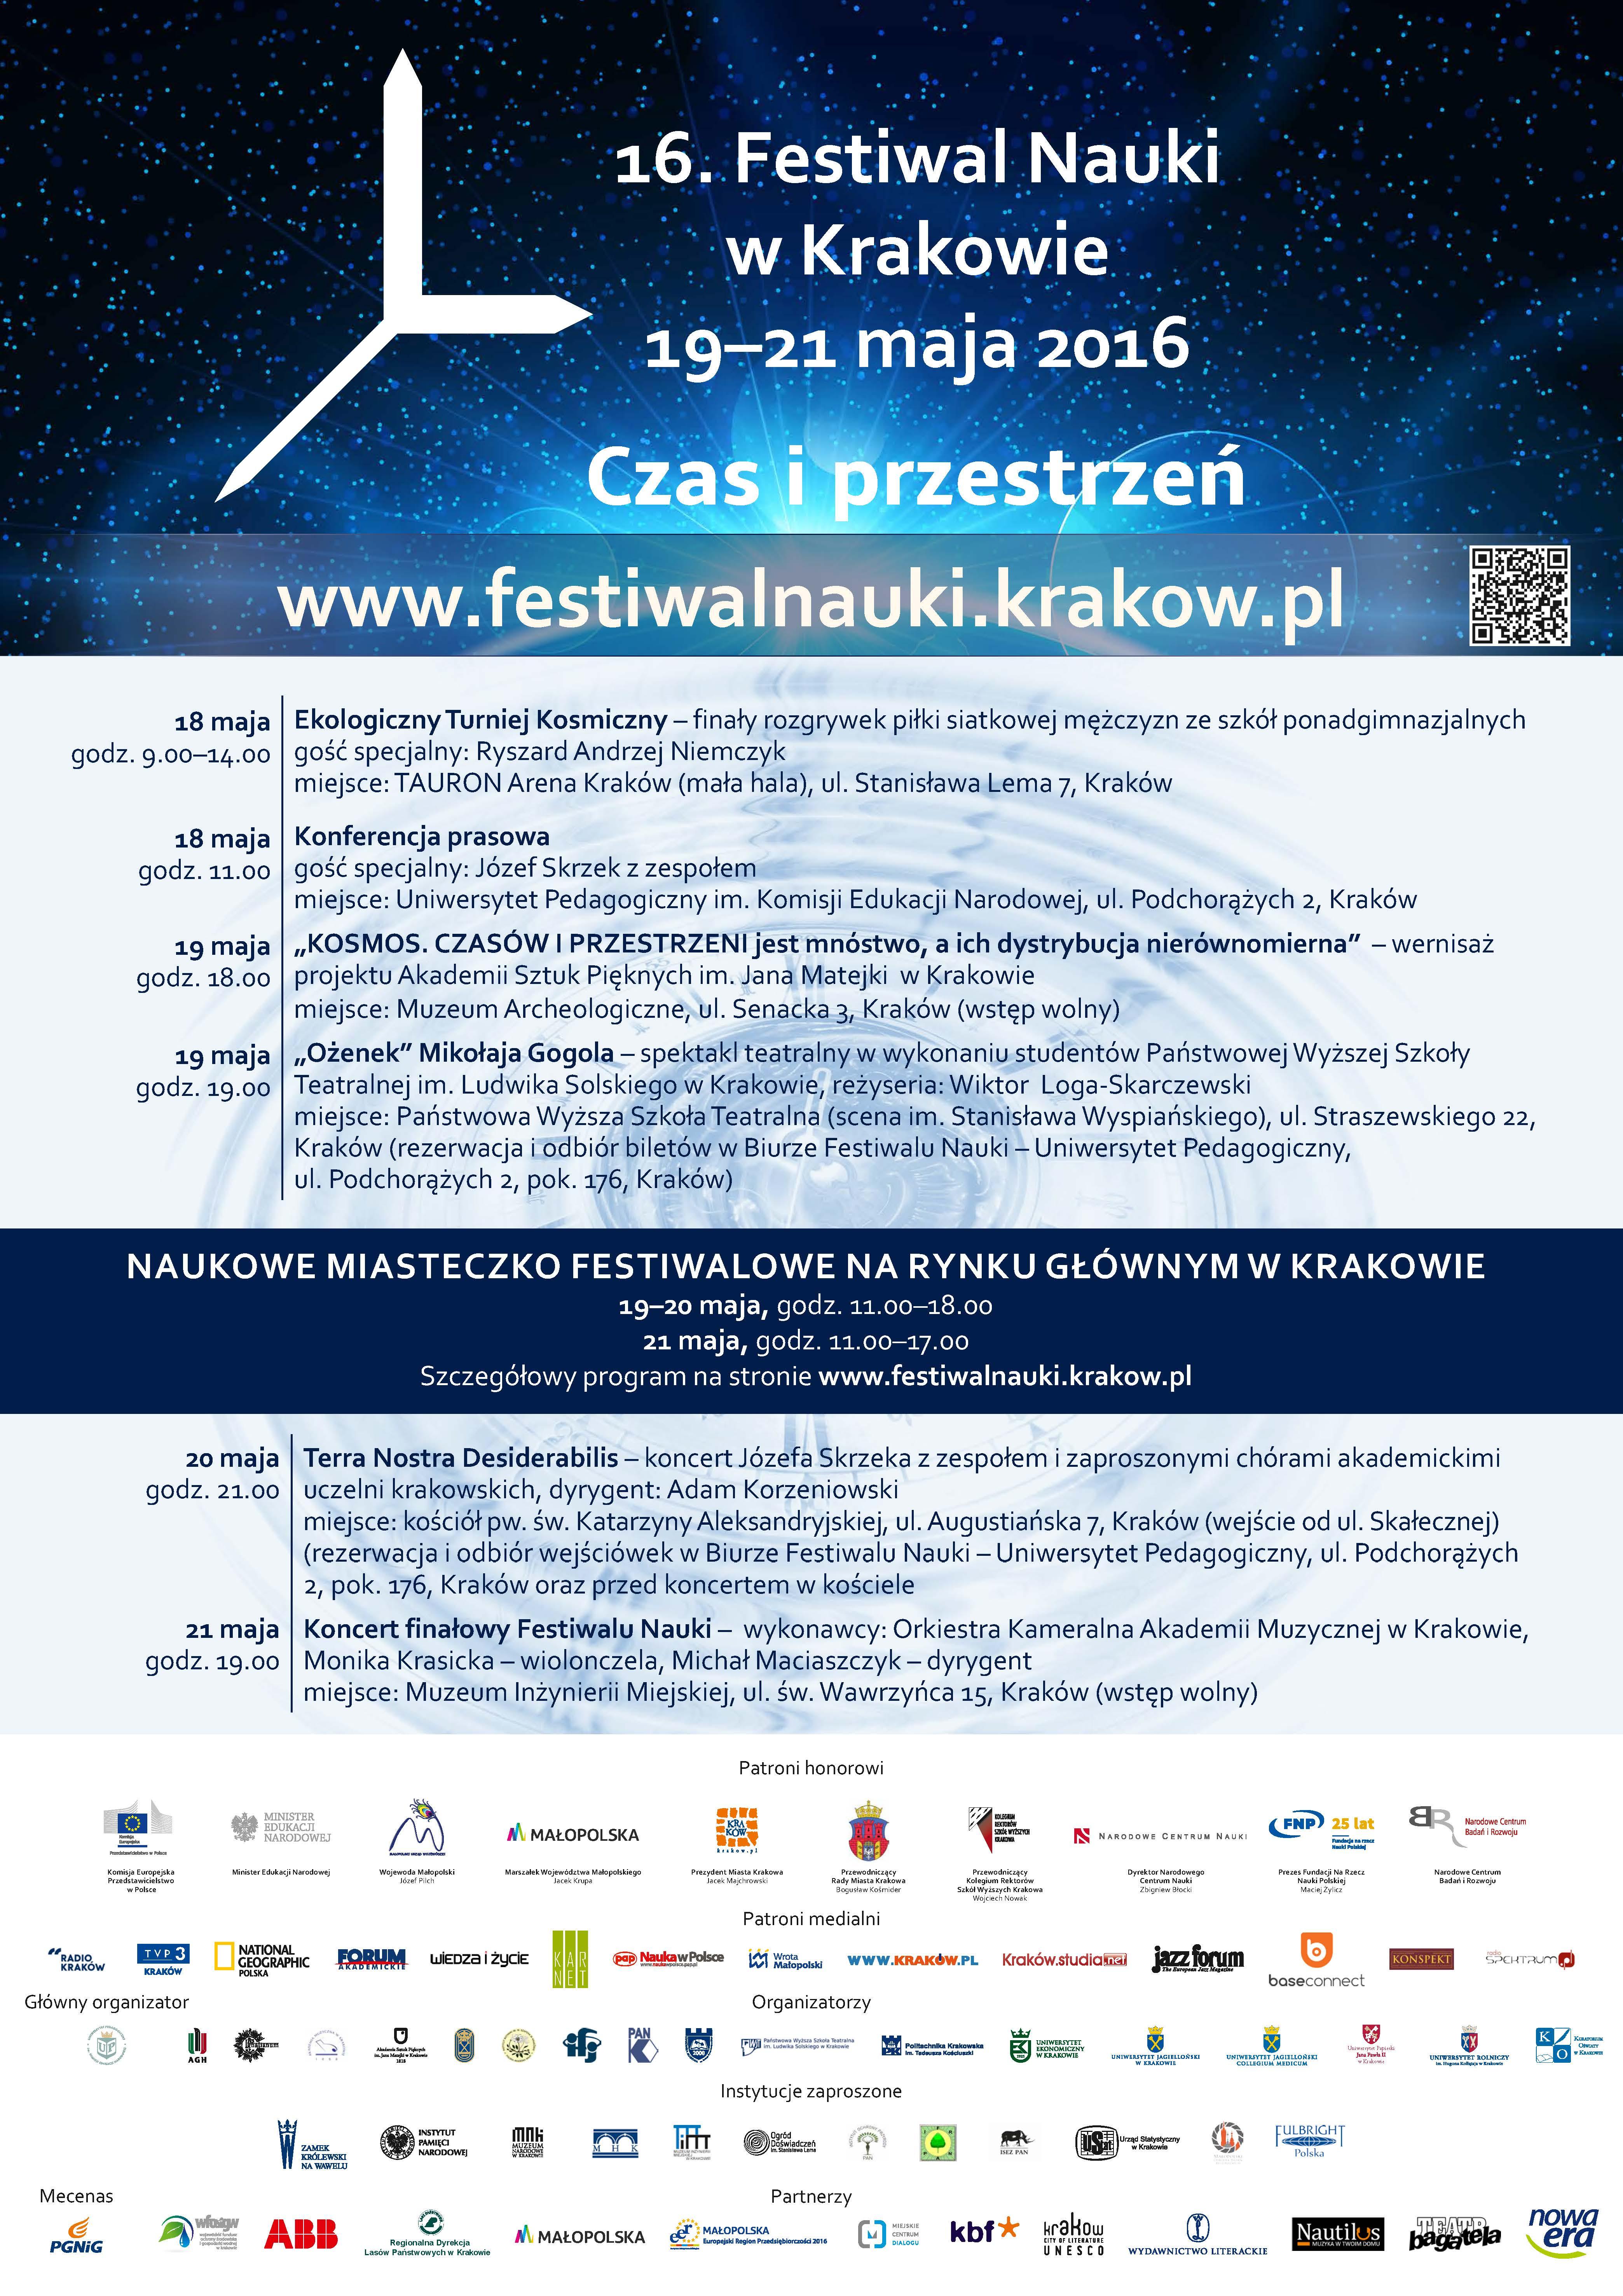 Plakat Festiwal Nauki